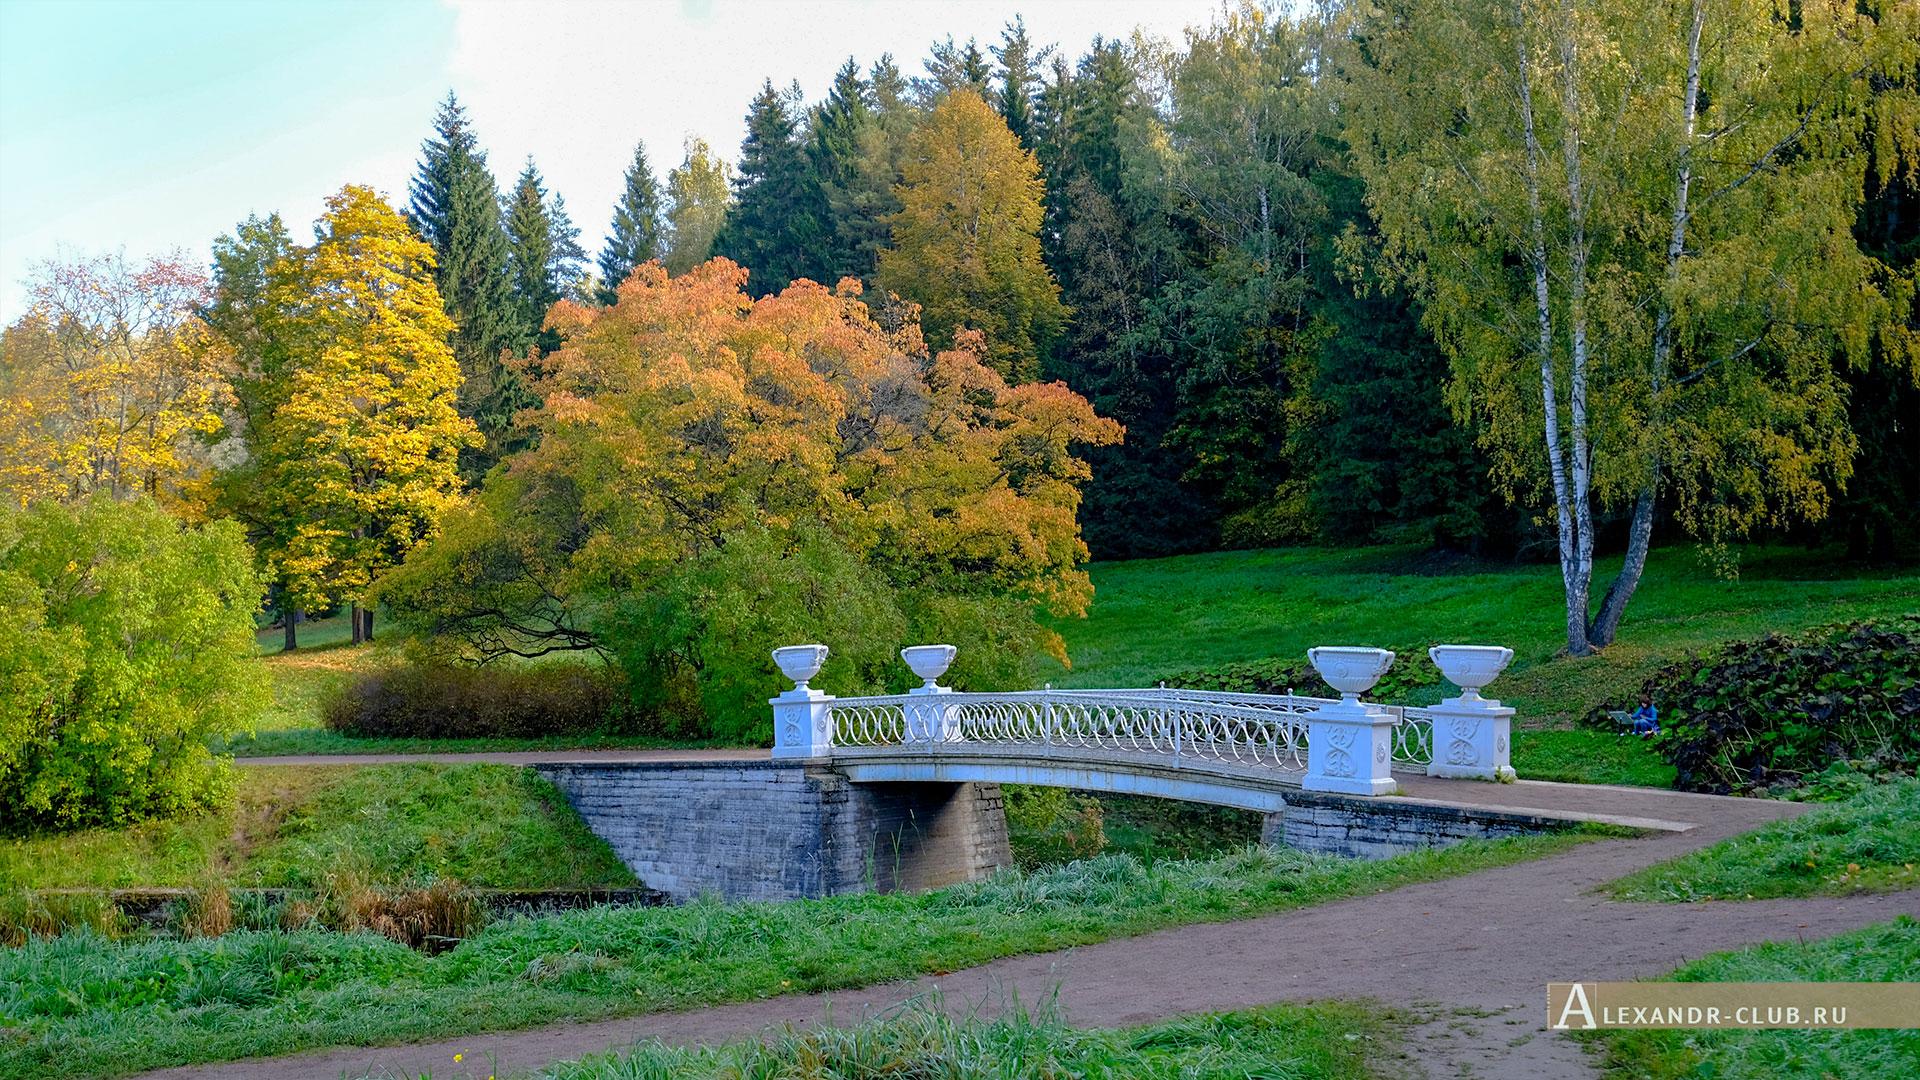 Павловск, осень, Павловский парк, Чугунный мост